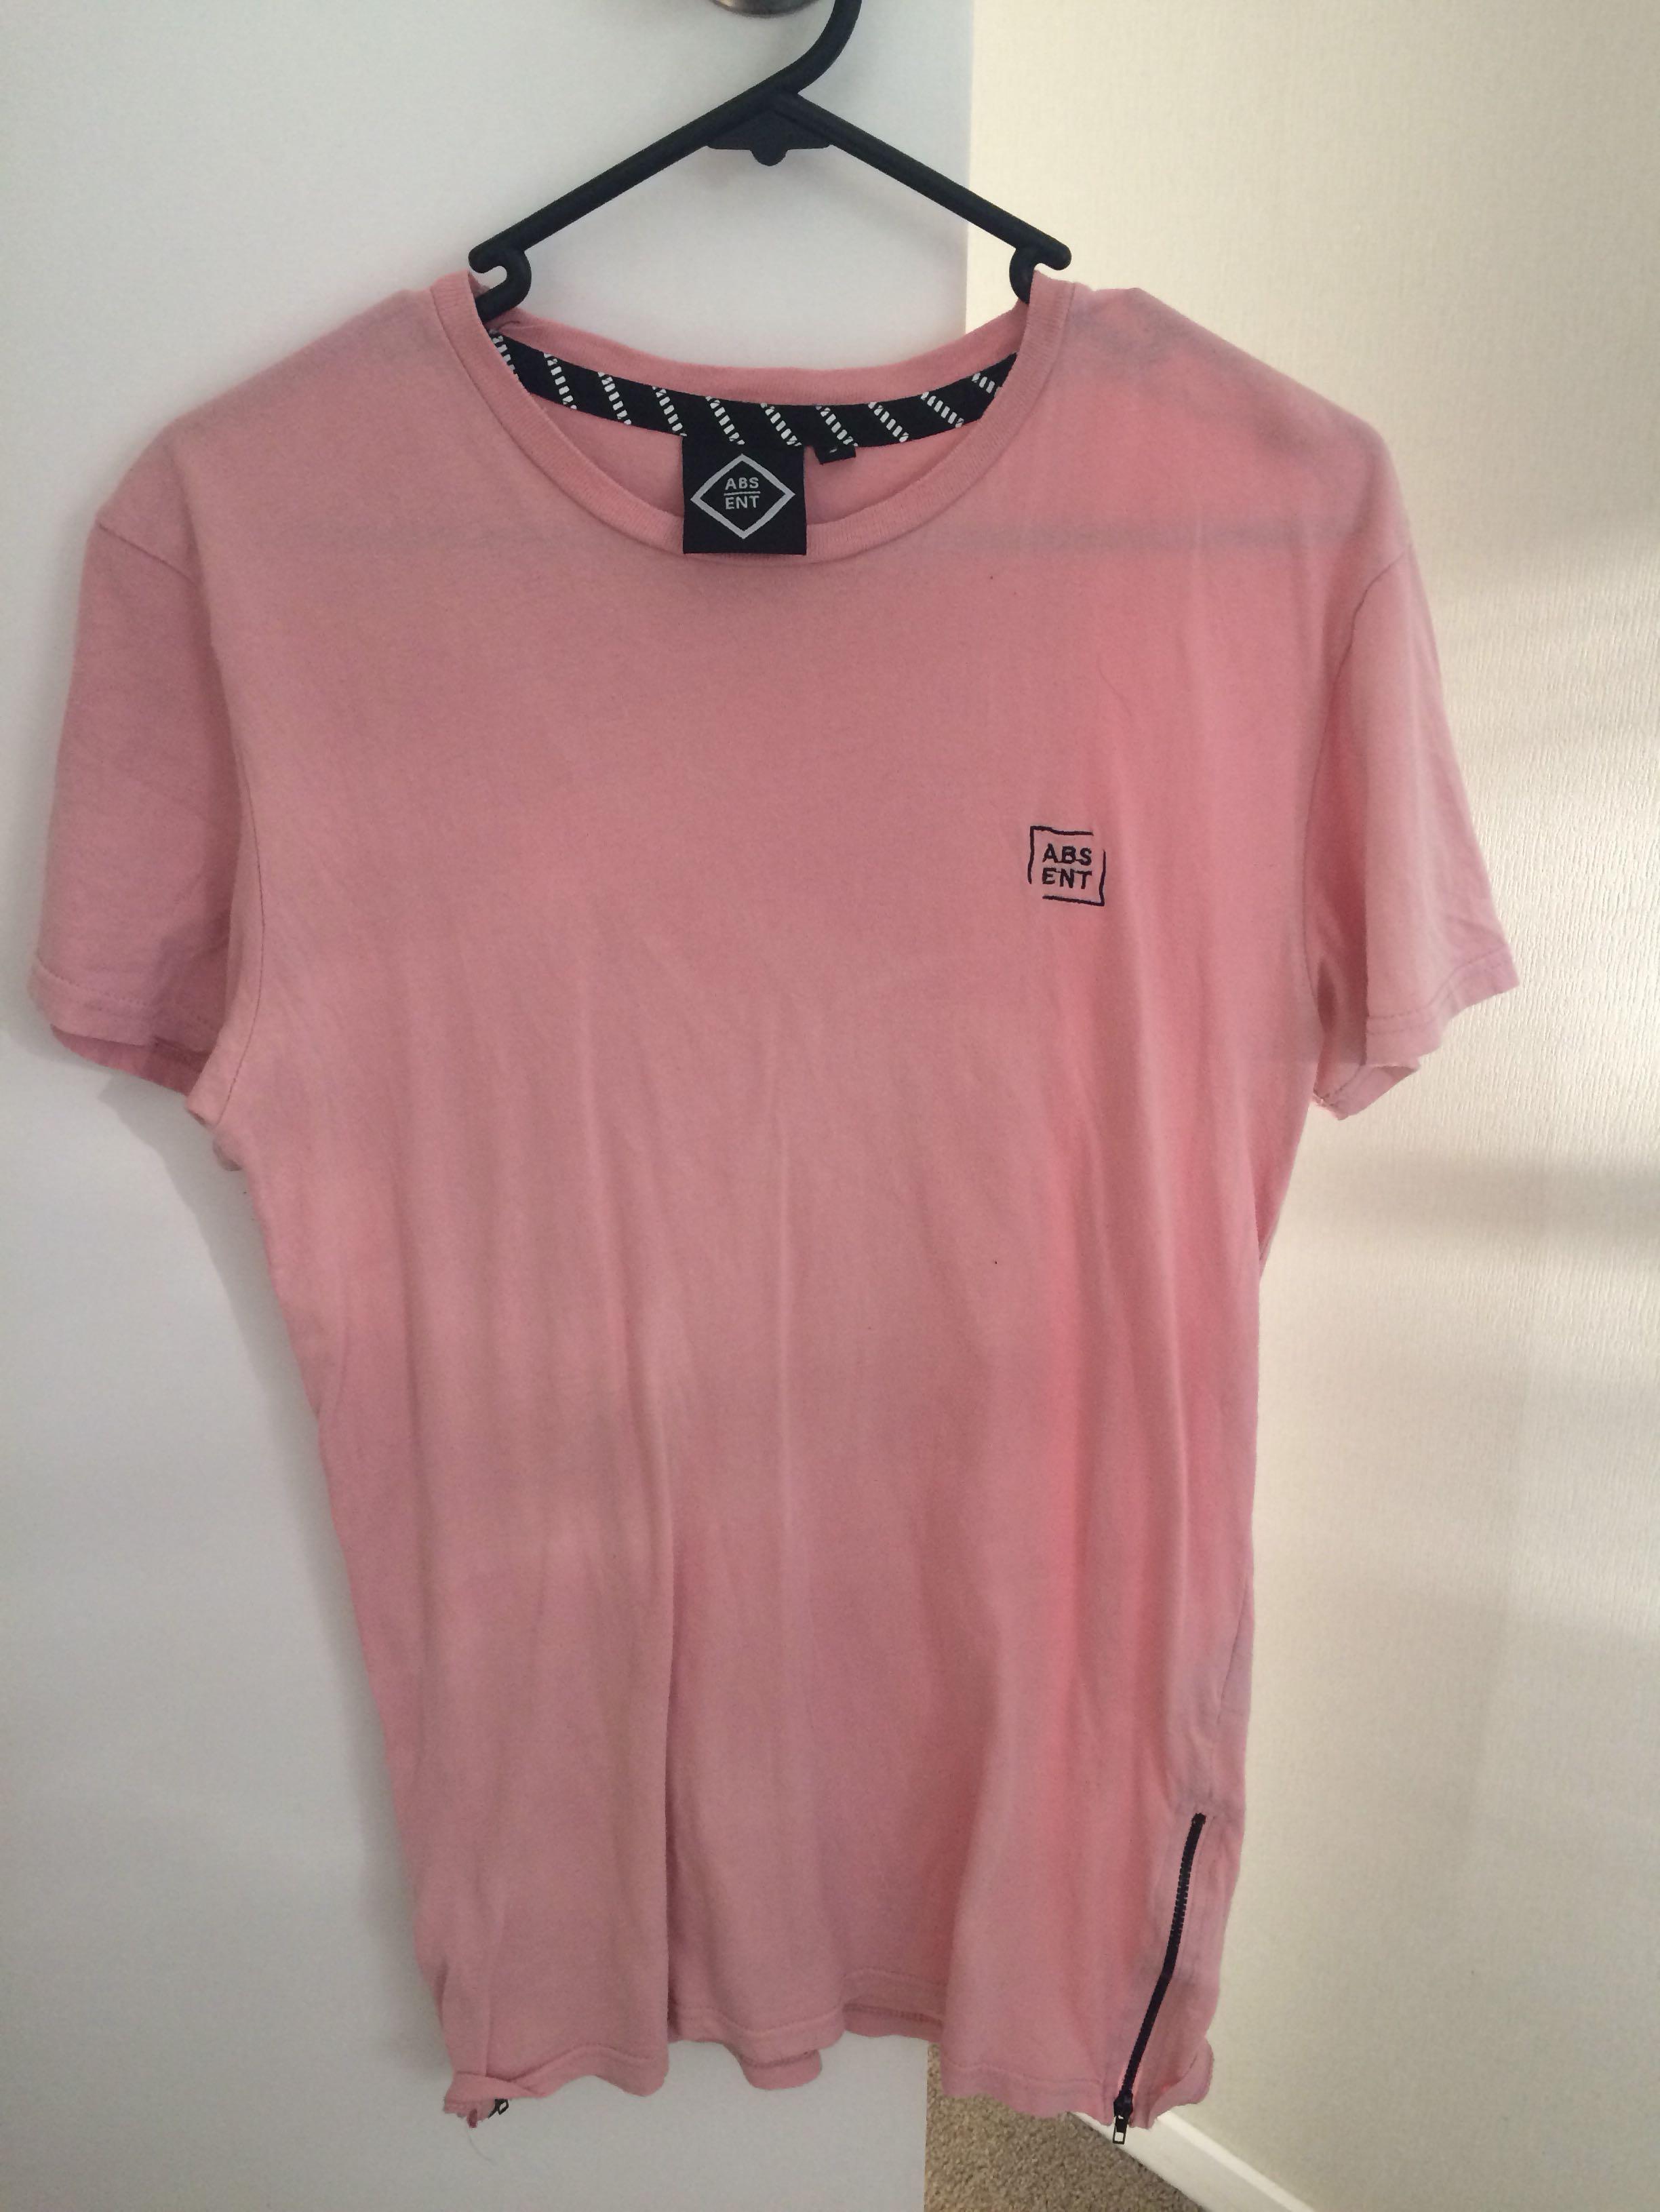 Absent pink shirt